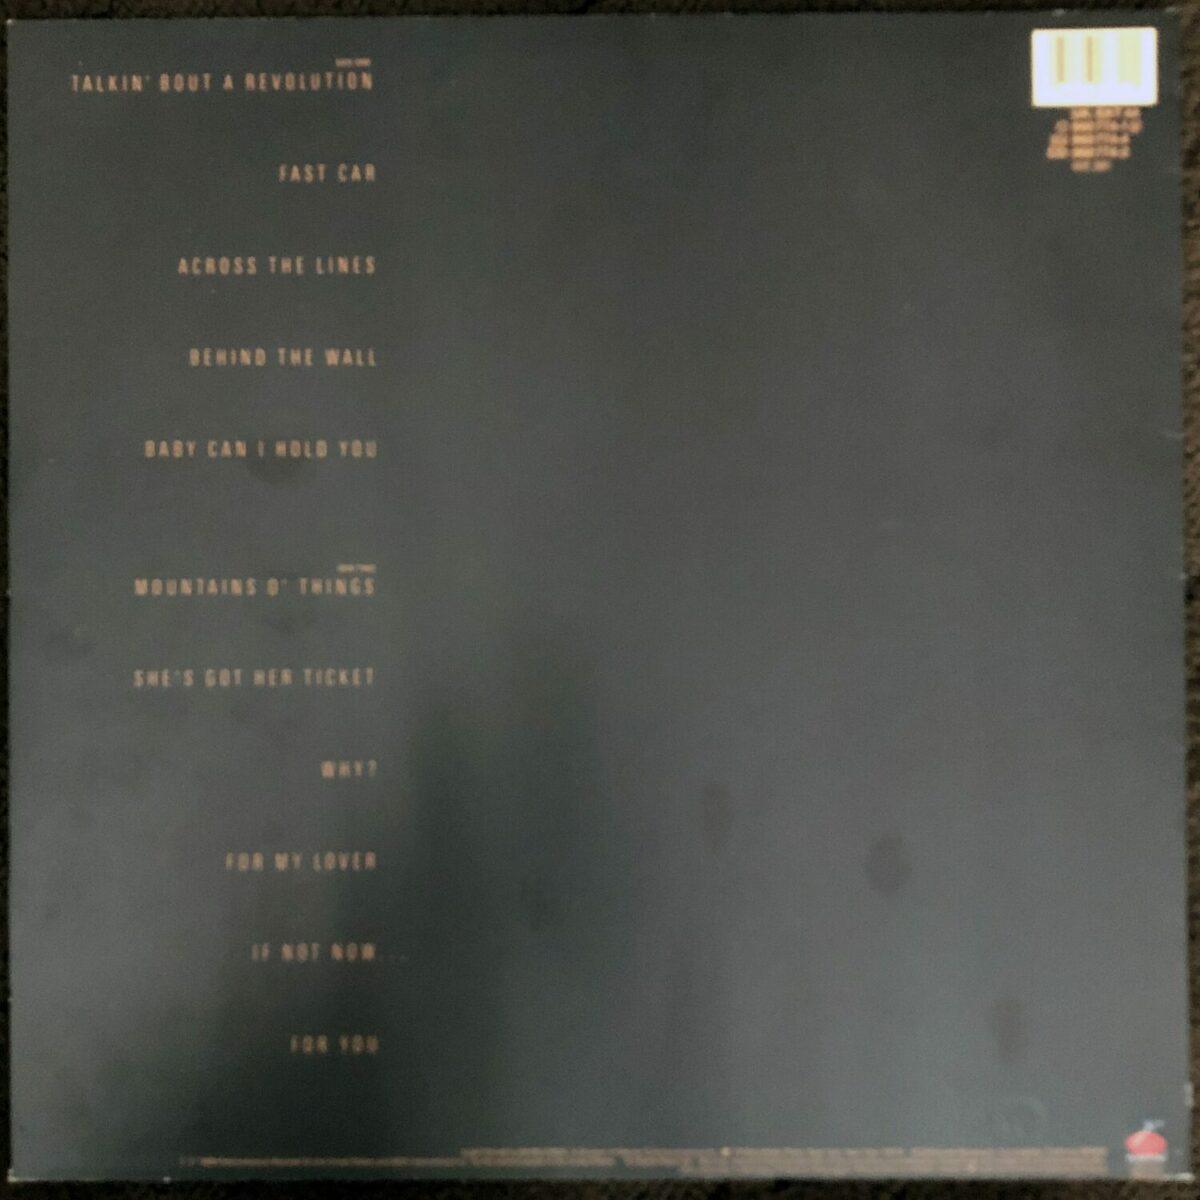 Tracy Chapman album